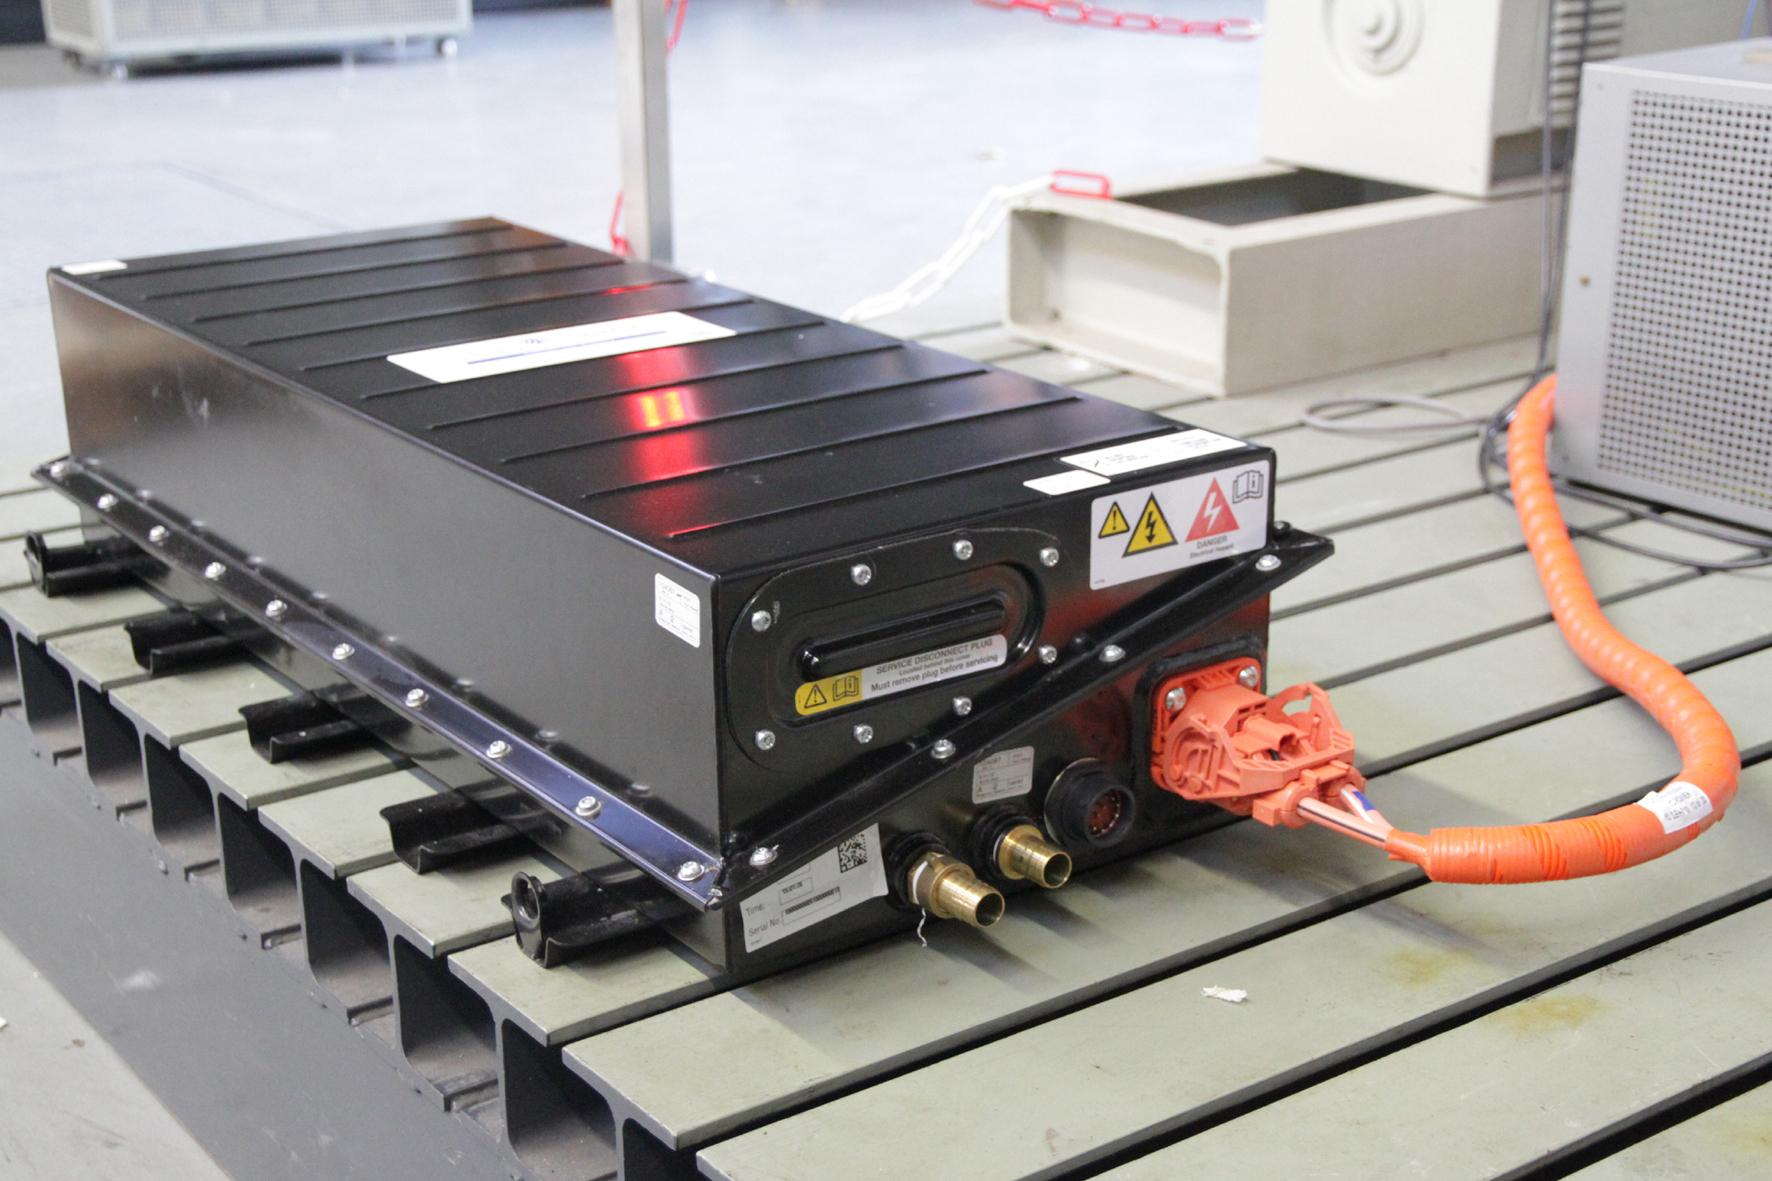 mid Duisburg - Um der E-Mobilität auf die Sprünge zu helfen, sind Weiterentwicklungen im Bereich der Batterien unerlässlich.